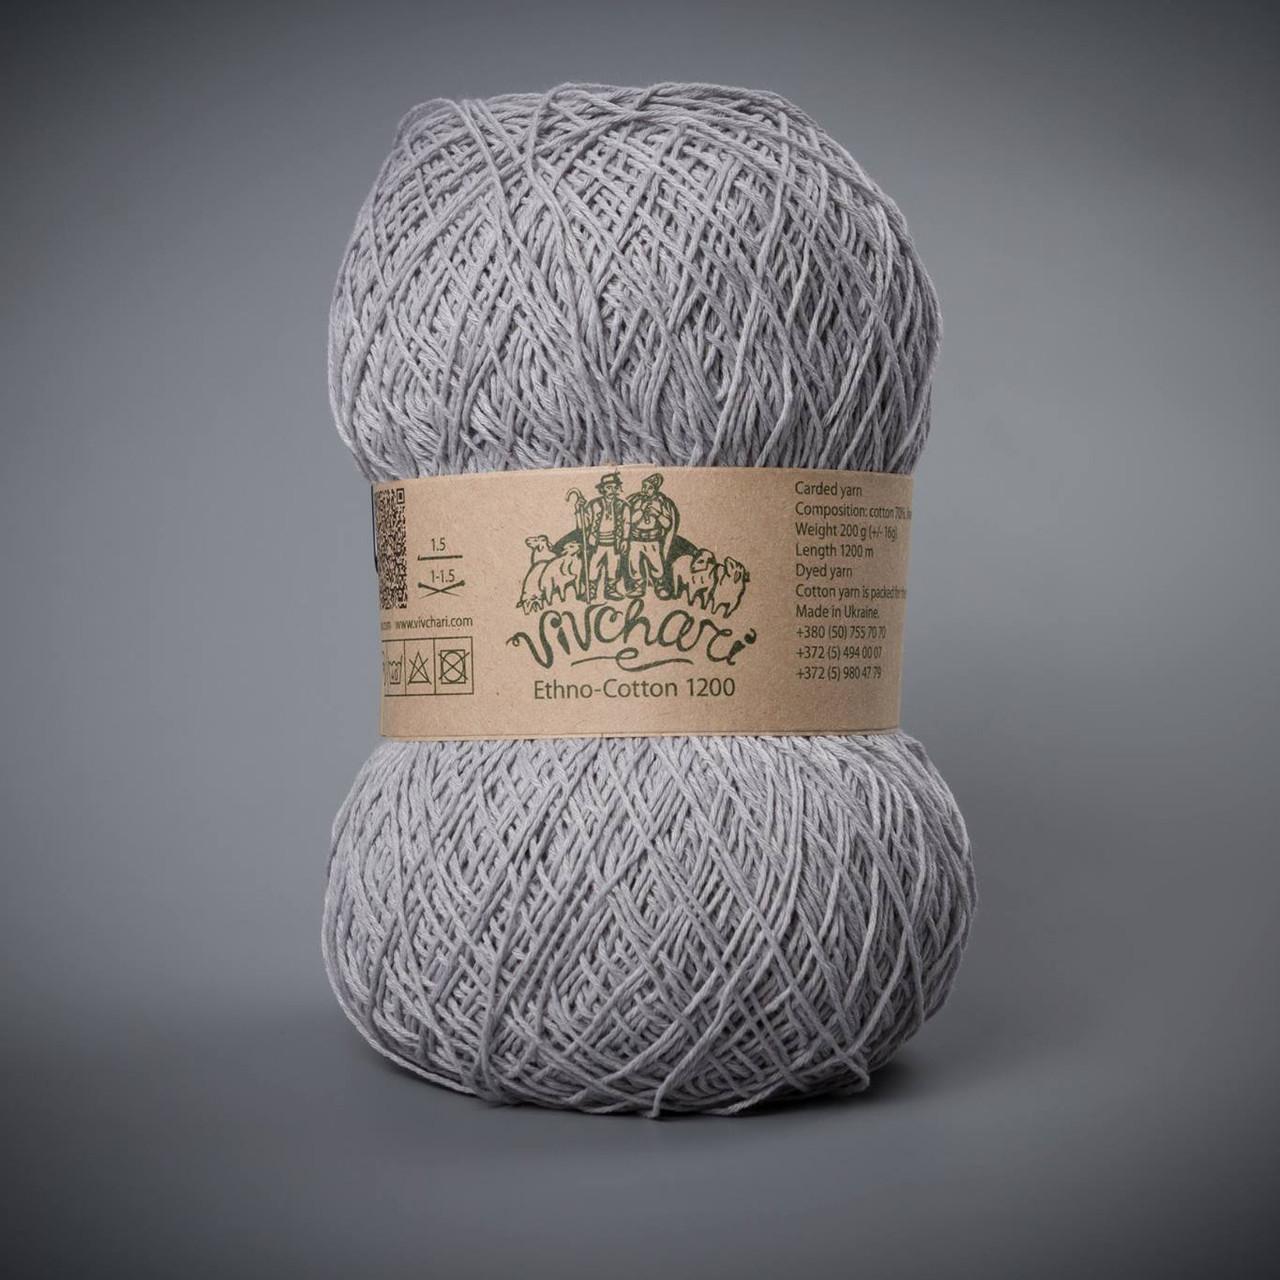 Пряжа хлопок и лен Vivchari Ethno-Cotton 1200, цвет 017 серый